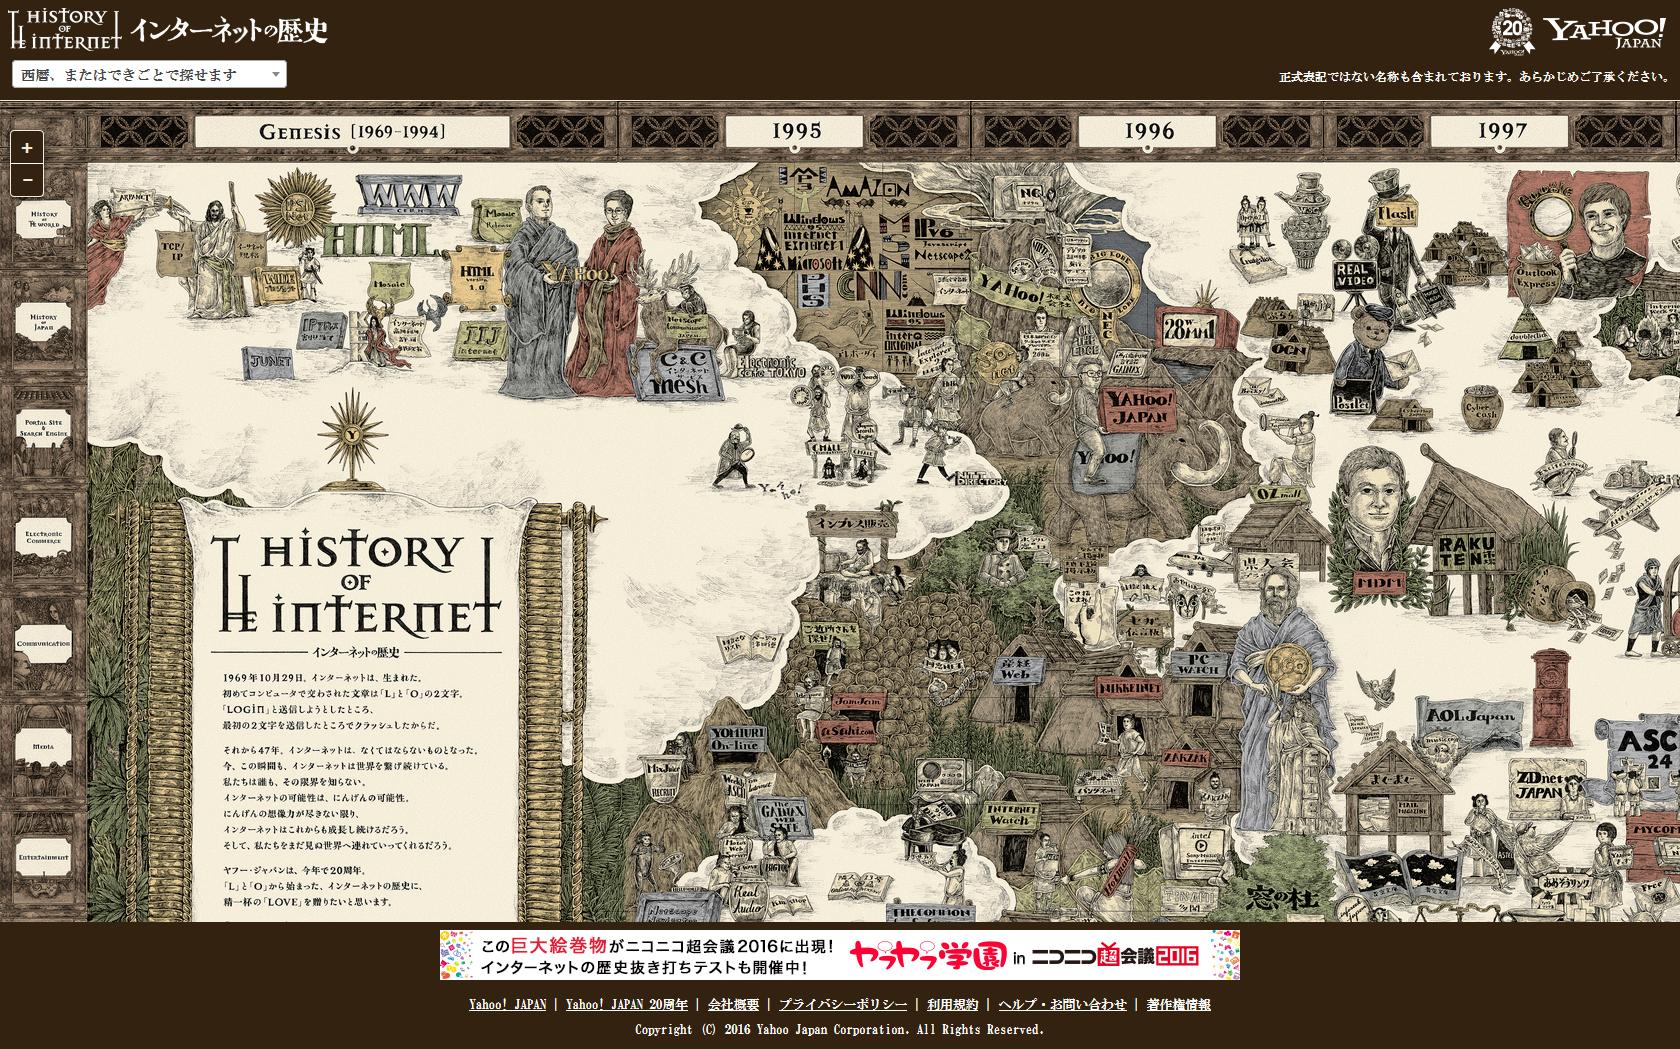 ウェブで現在公開中の「History of the Internet~インターネットの歴史~」